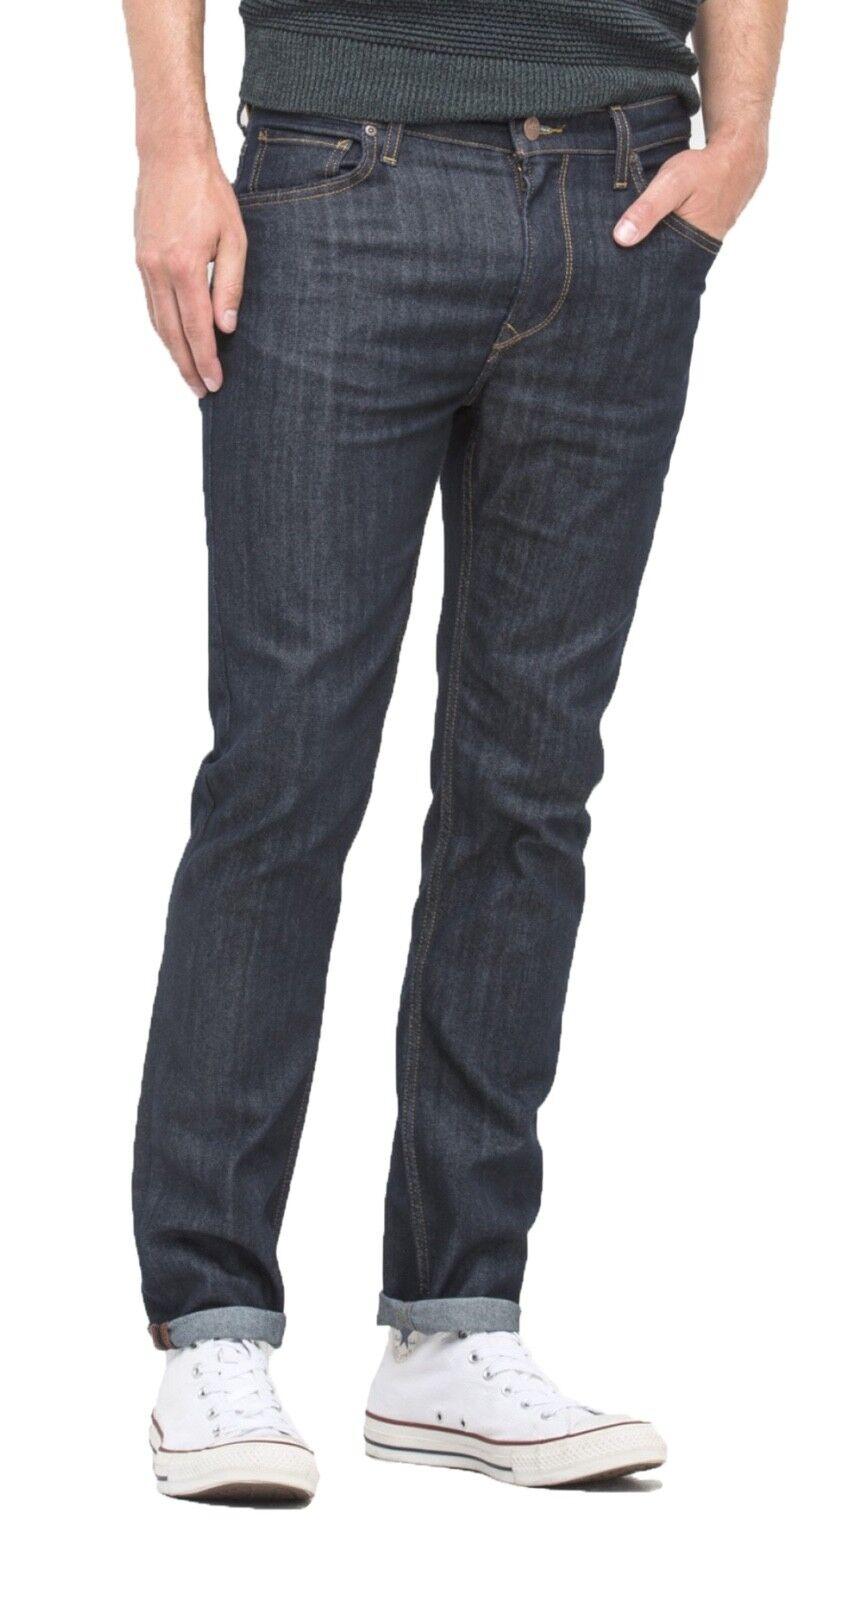 Lee Rider Men Regular Waist Tapered Slim Leg Stretch Denim Jeans Dark Rinse bluee